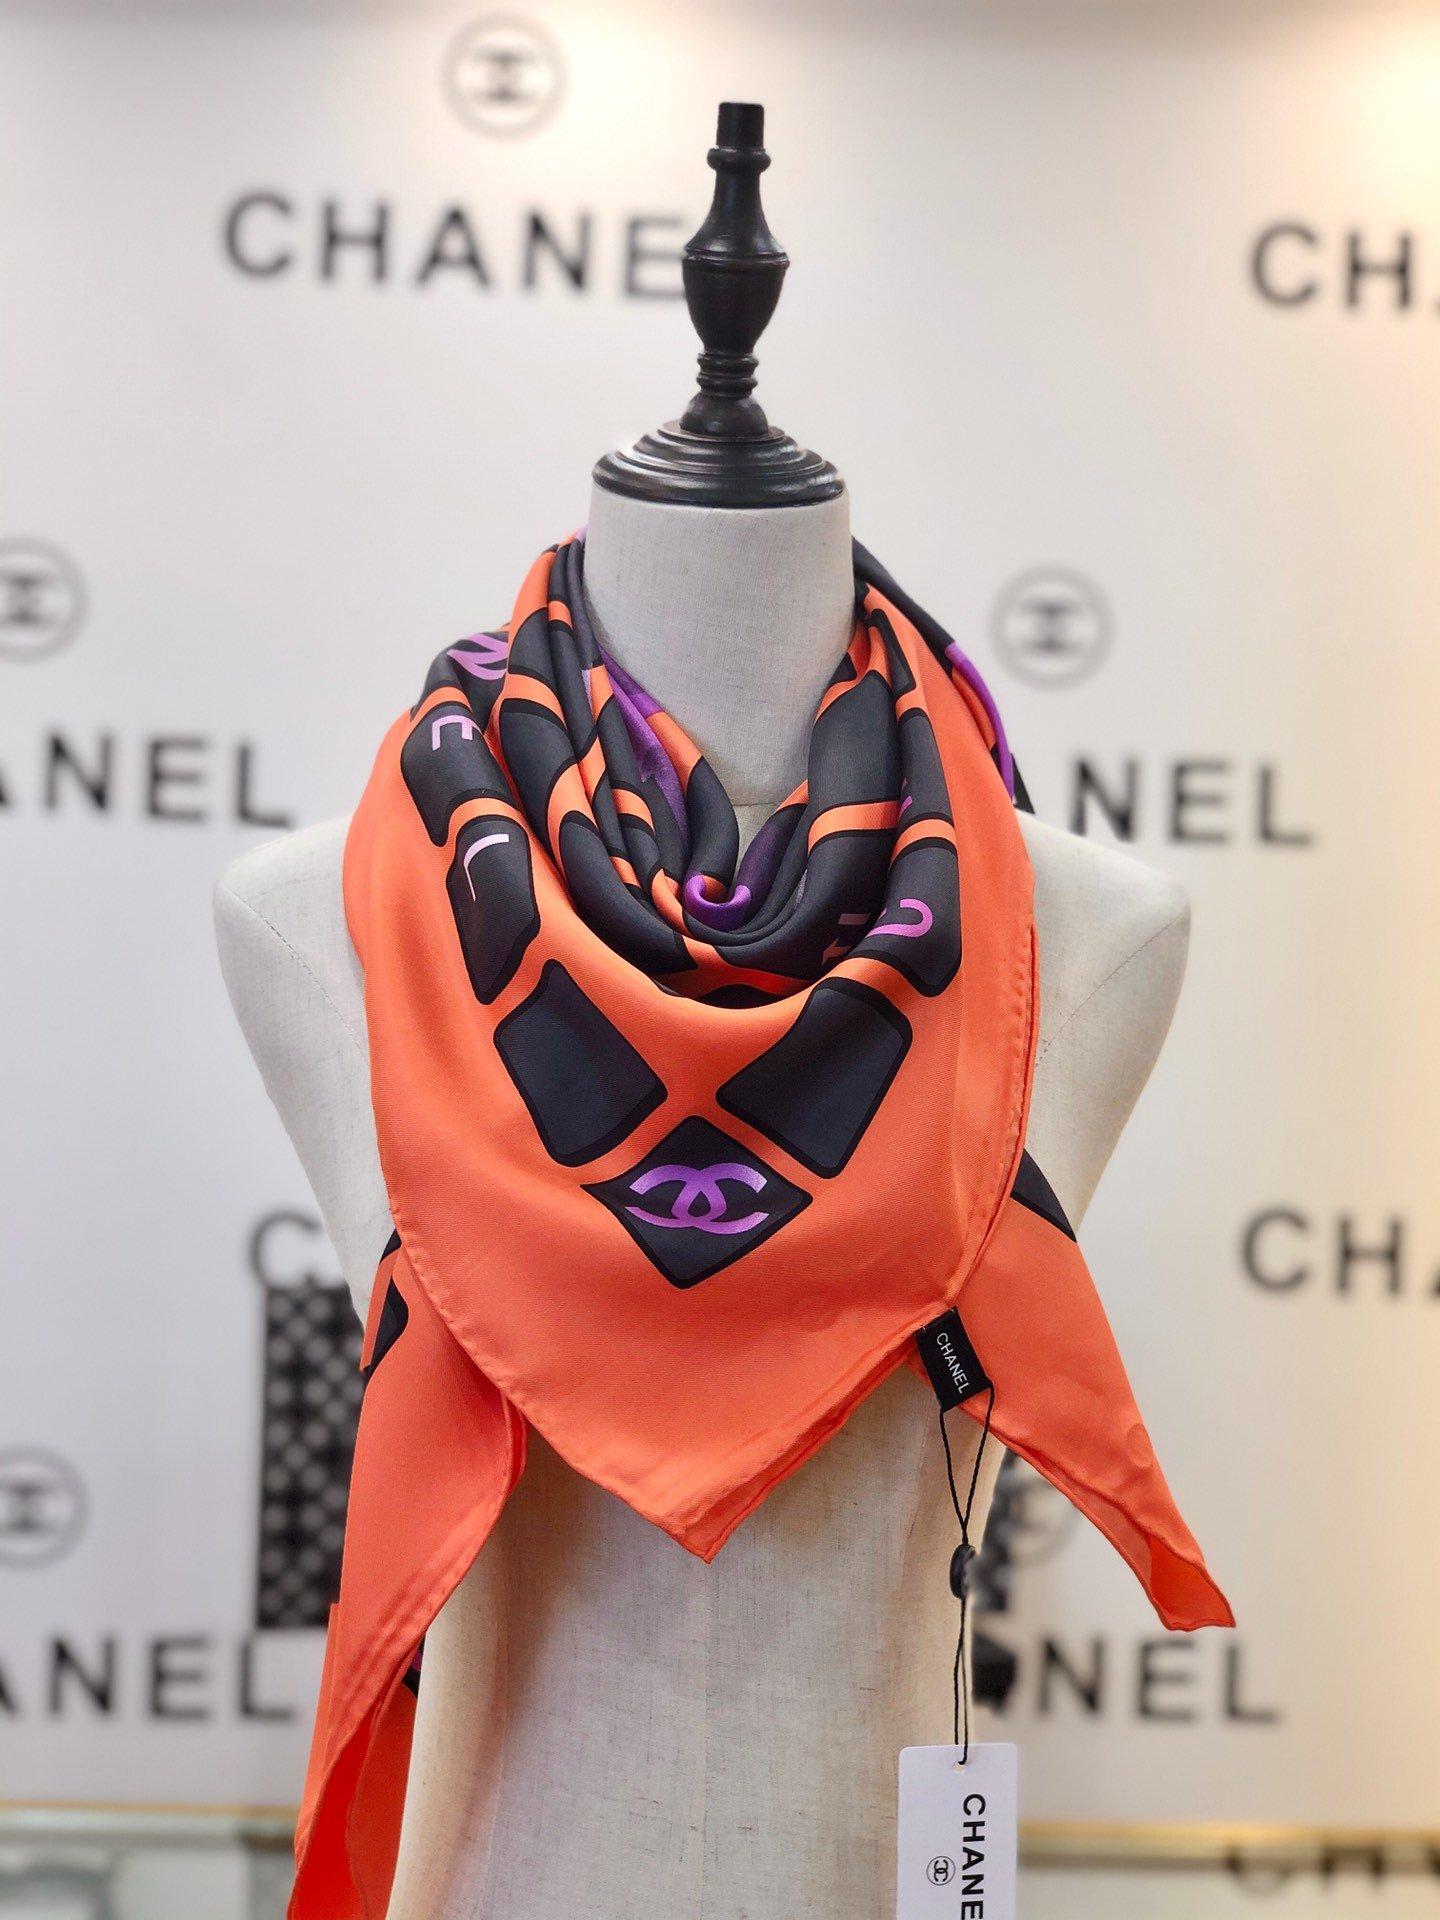 chanel香奈儿海外原单丝巾键盘排列和渐变logo元素(图8)